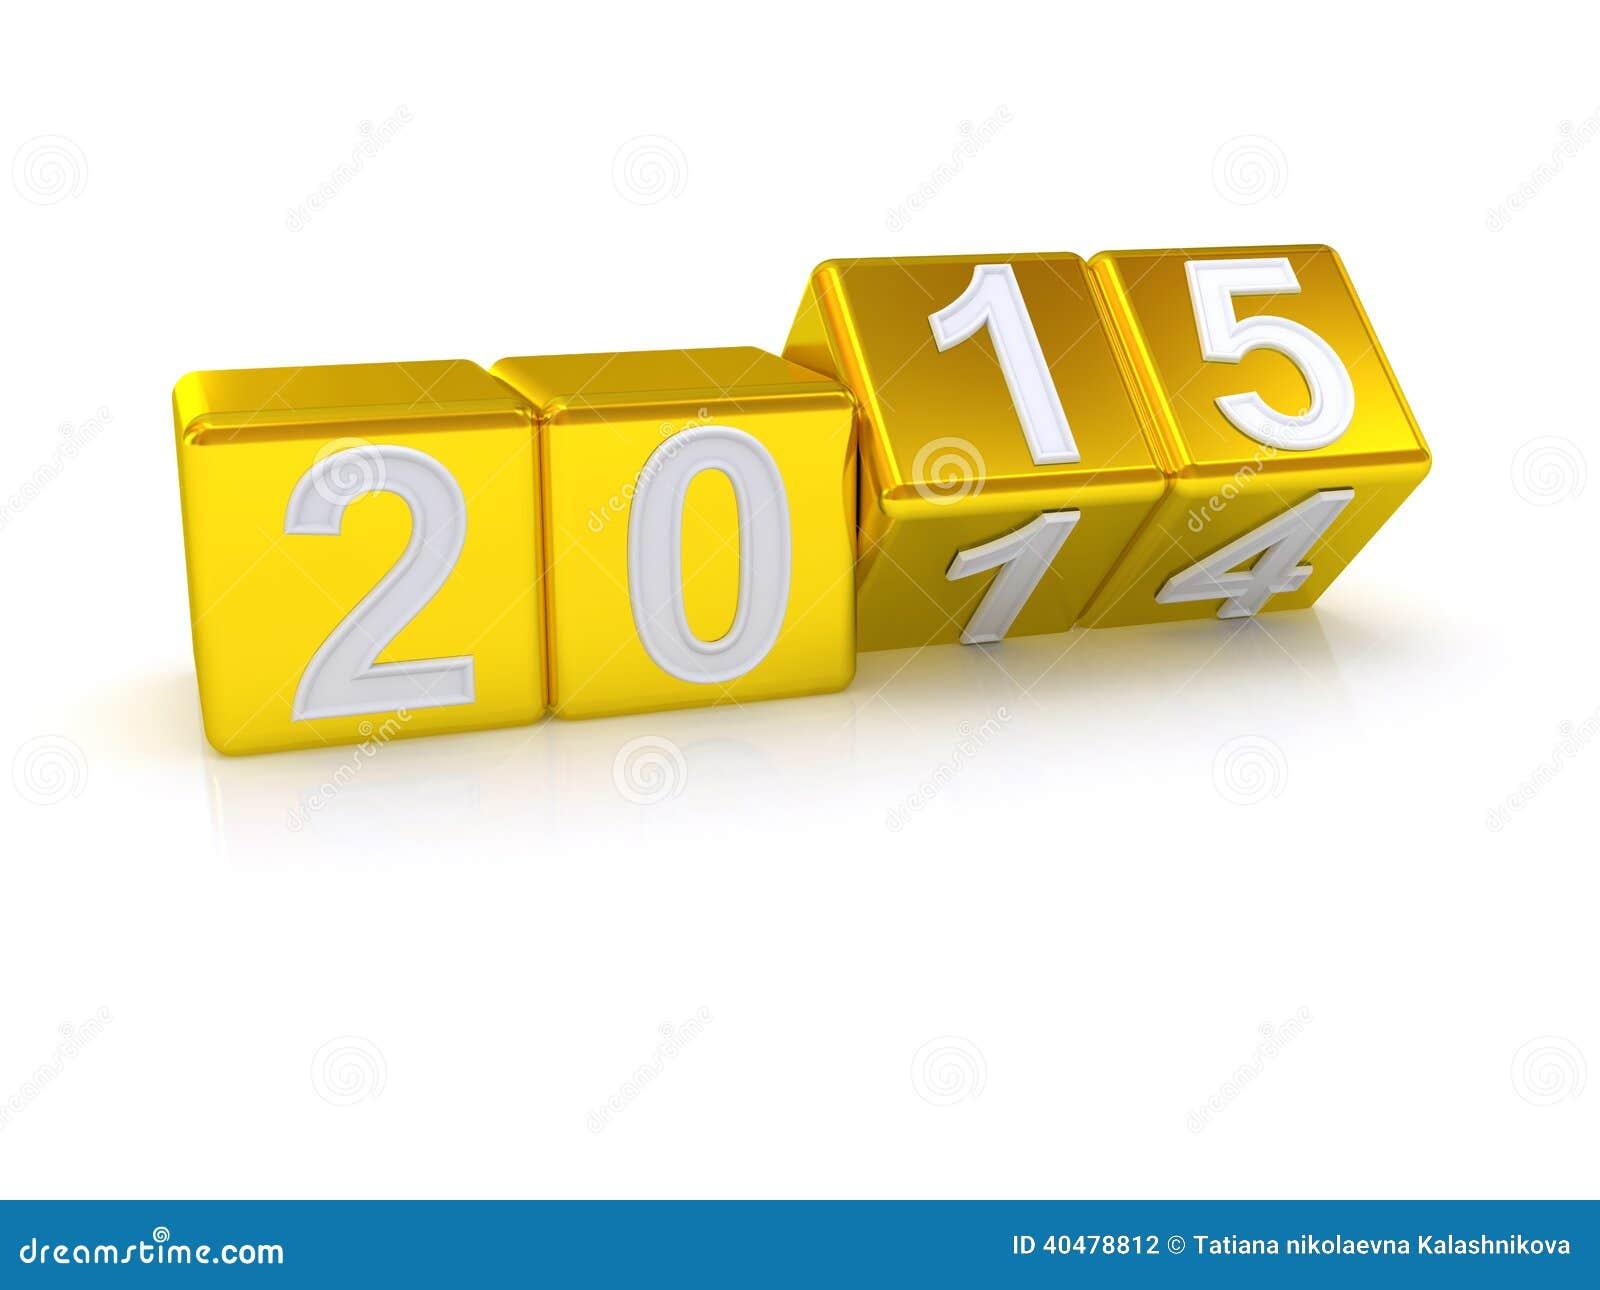 Lyckligt nytt år 2015.